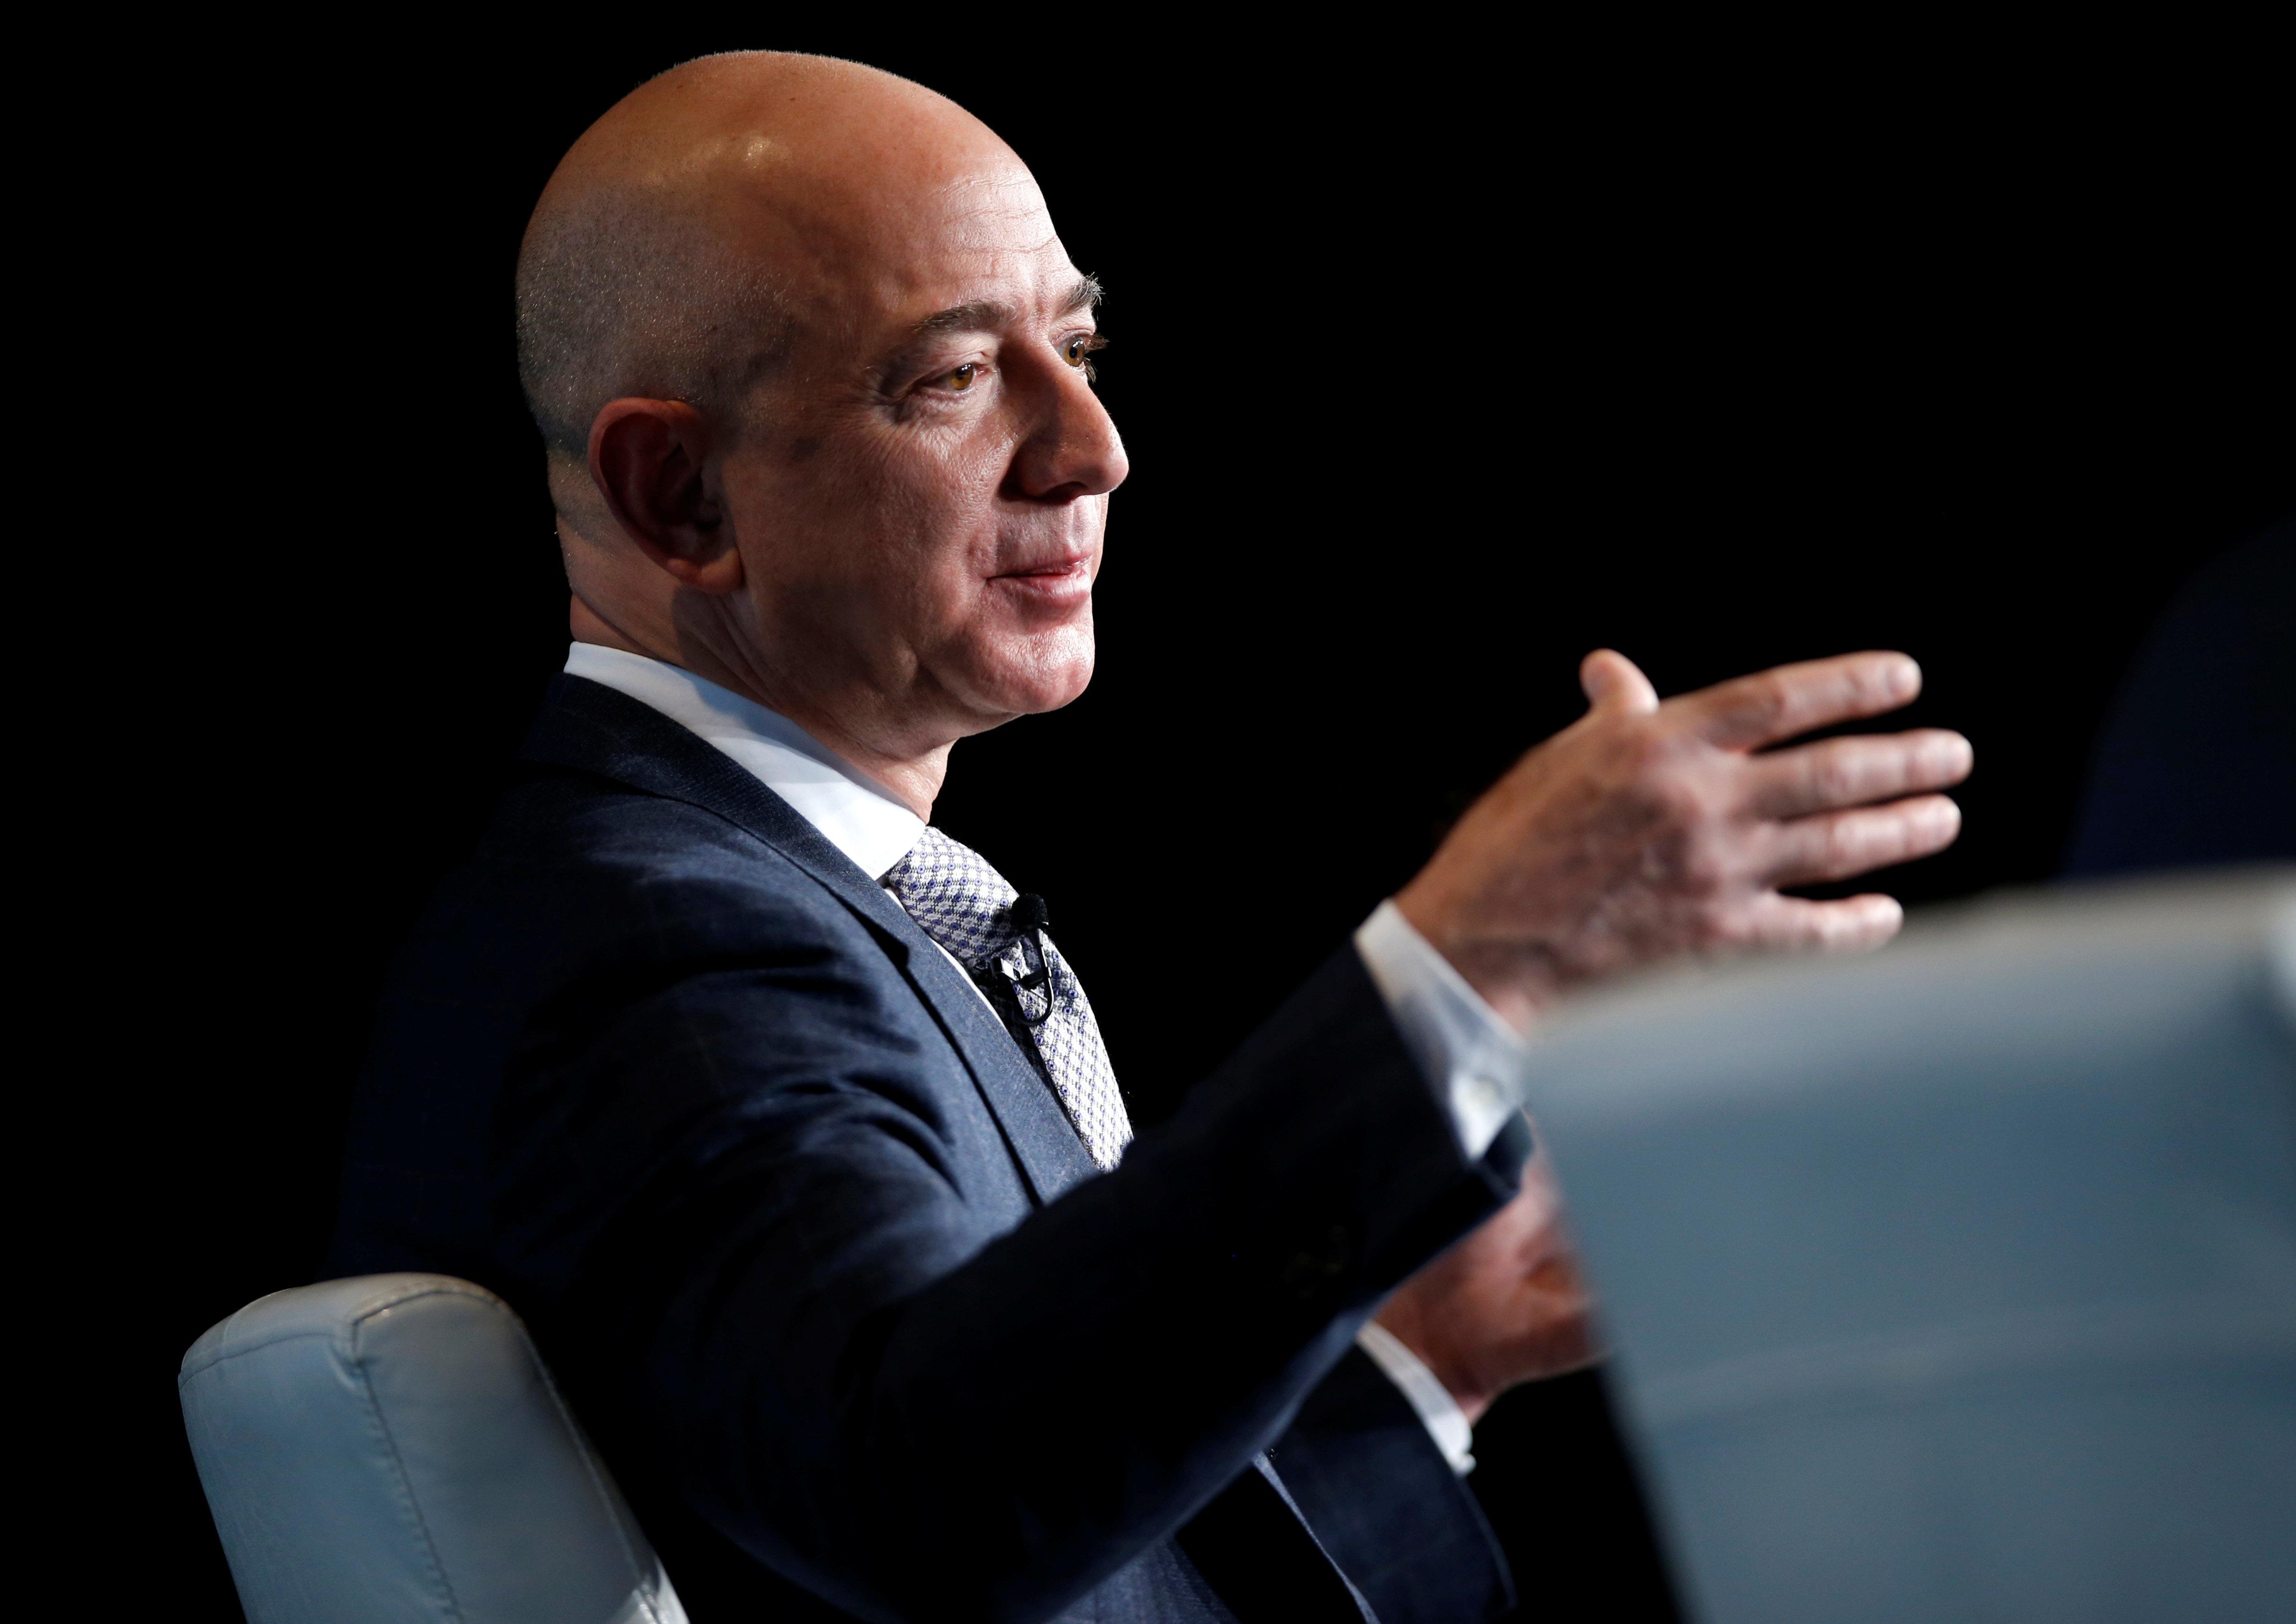 Πώς ο ιδρυτής της Amazon έγινε ο πλουσιότερος άνθρωπος στον κόσμο και η αξία της εταιρείας του ξεπέρασε το 1 τρισ.